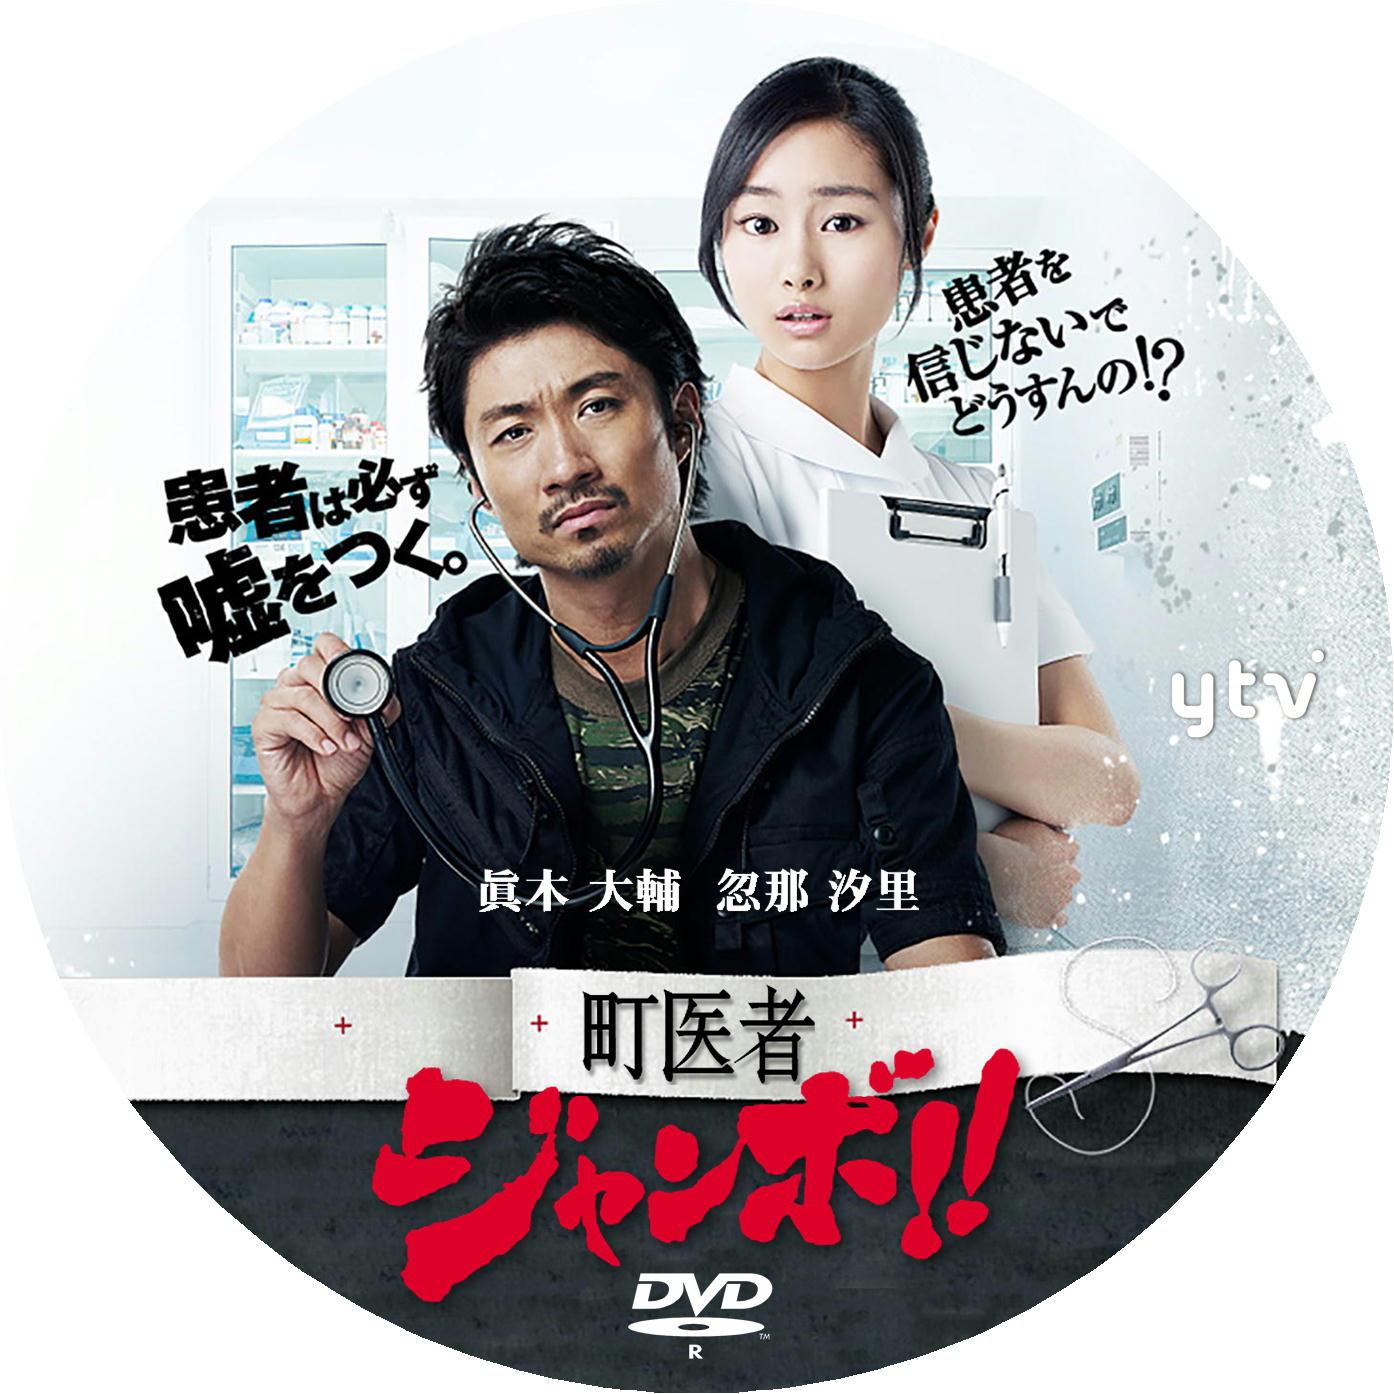 町医者 DVDラベル